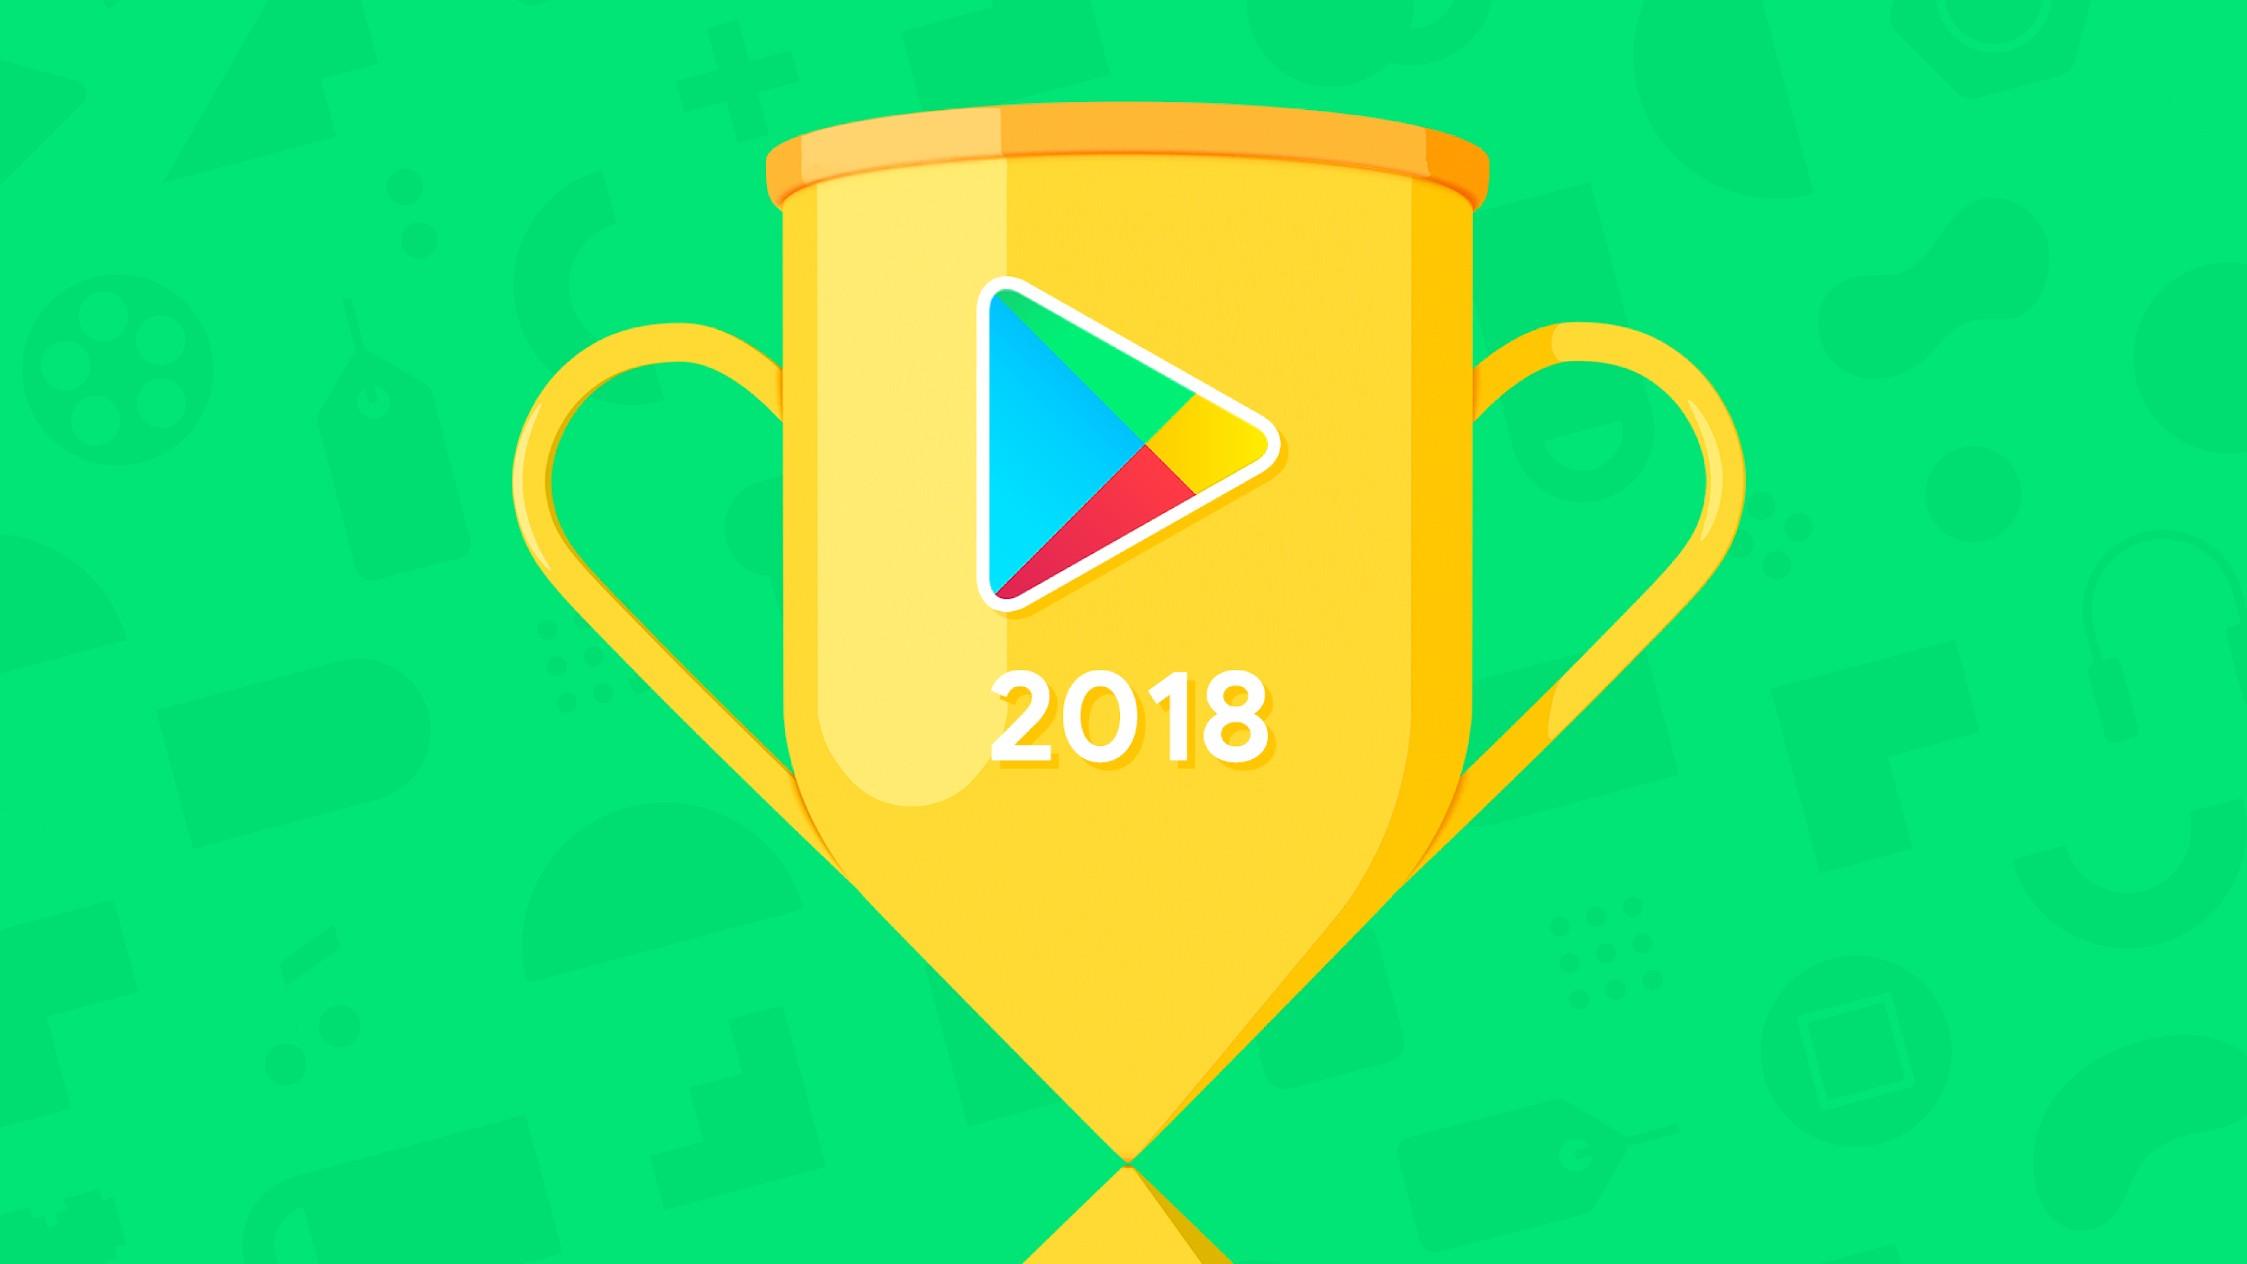 Google назвала лучшие приложения и игры за 2018 год